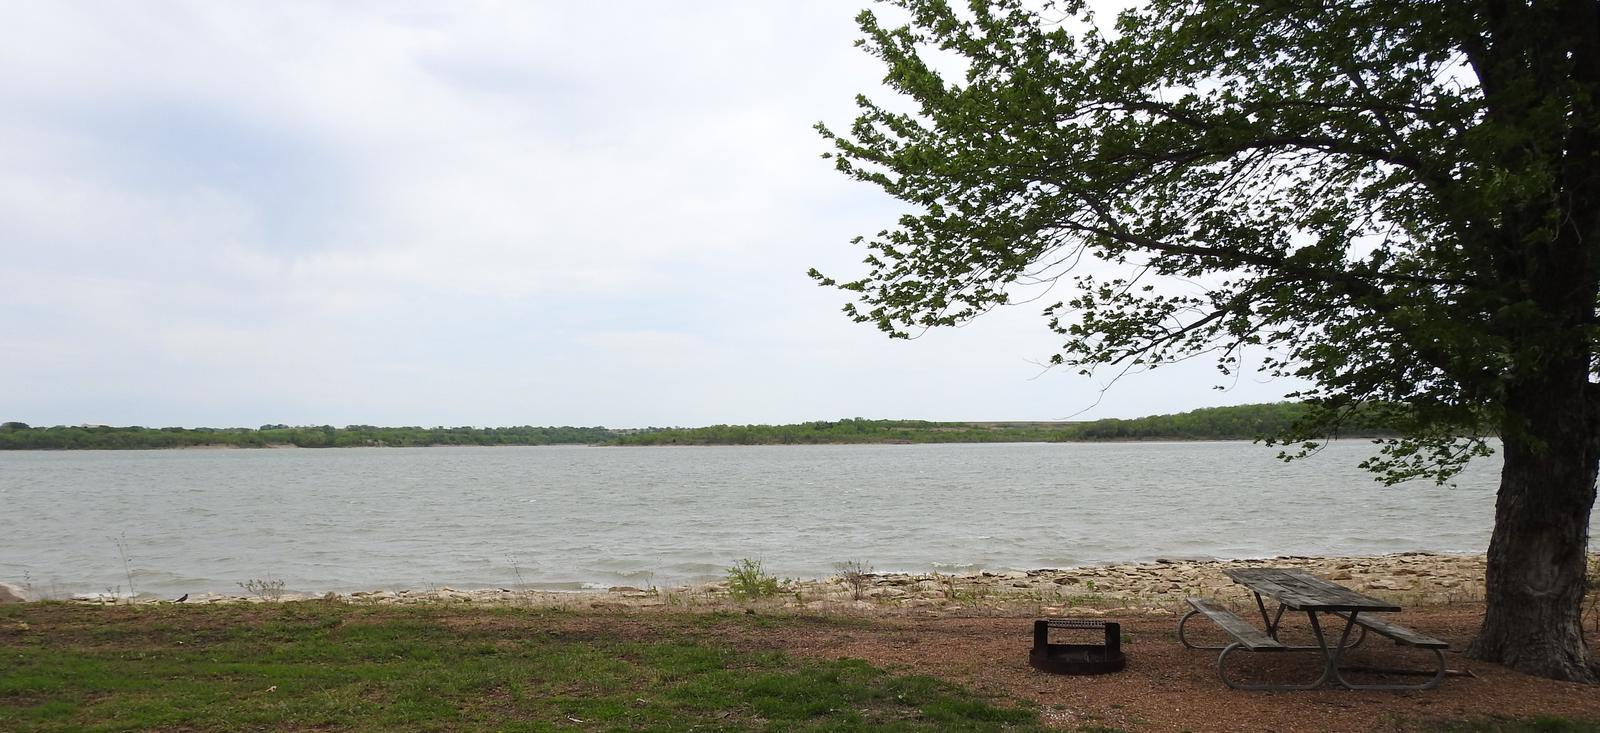 Site 18 in Turkey Point Campground